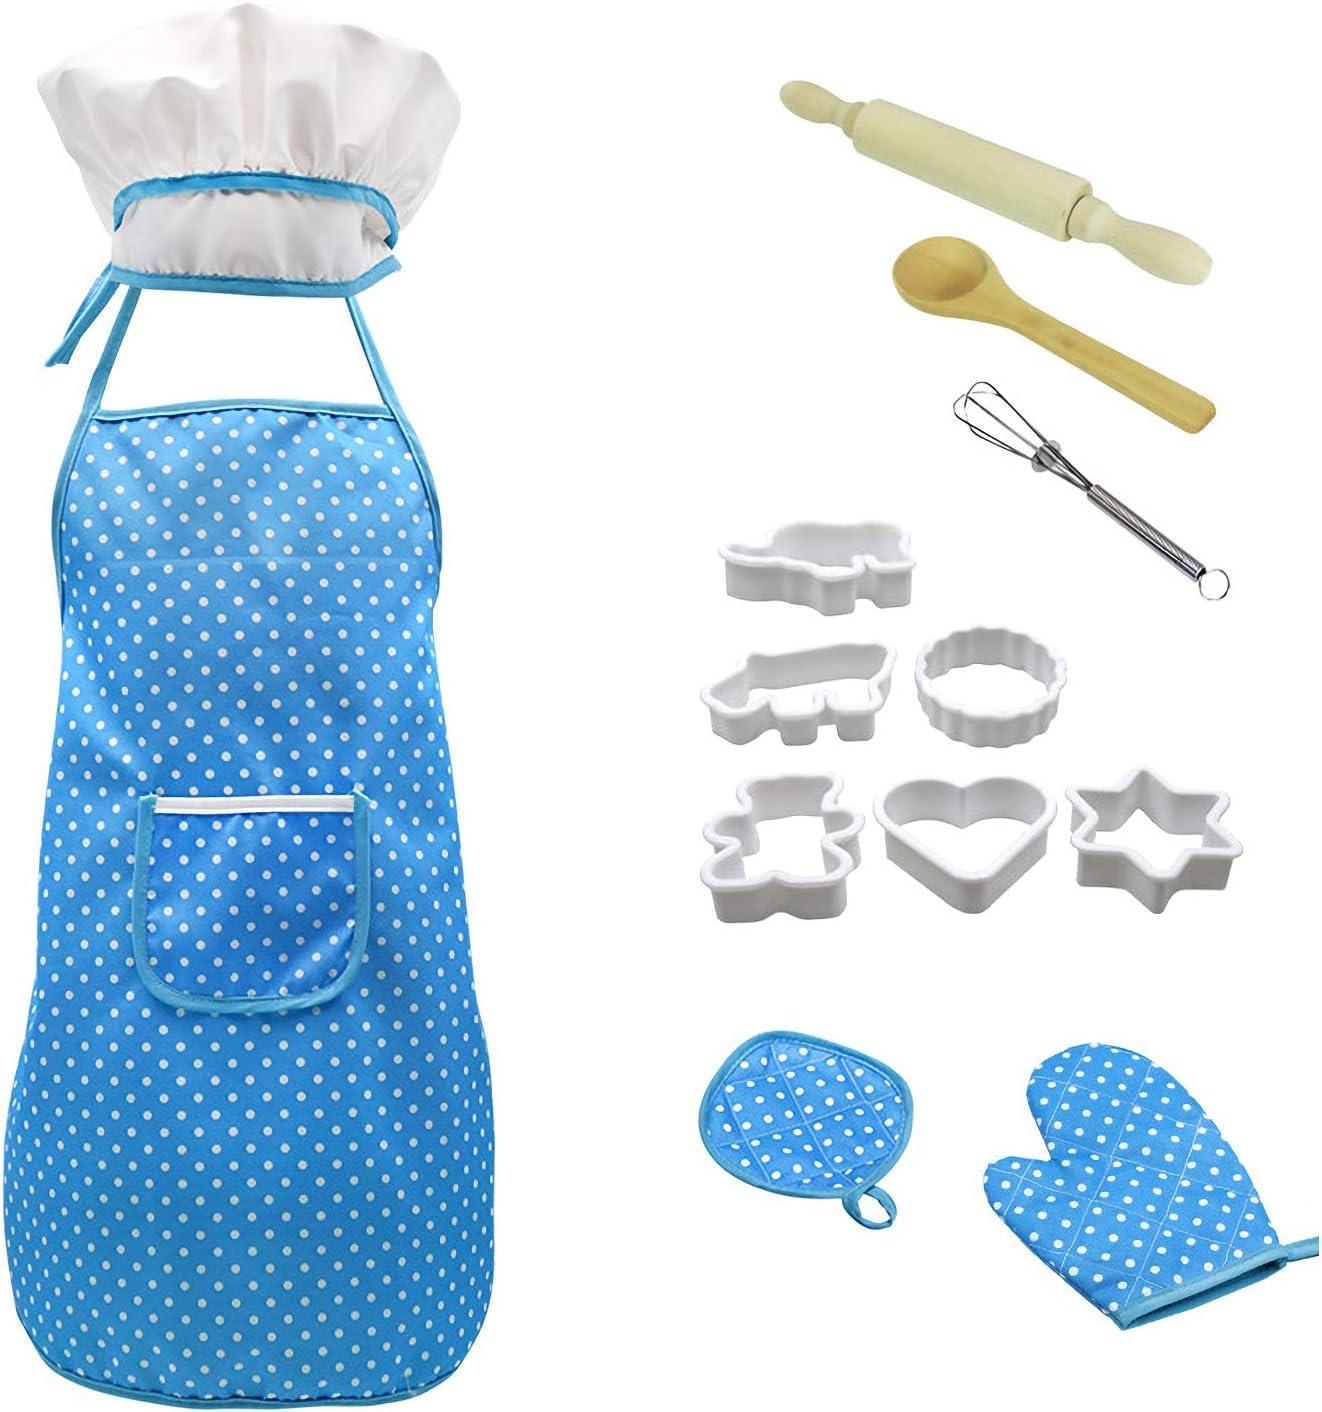 13 PCS 키즈 요리 및 베이킹 세트 키즈 요리사 세트는 어린 소녀 요리사 모자 미트 롤링 핀 숟가락 계란 비터 플라스틱 금형 에이프런을 포함 3-10 블루 아이 소녀 소년 에대한